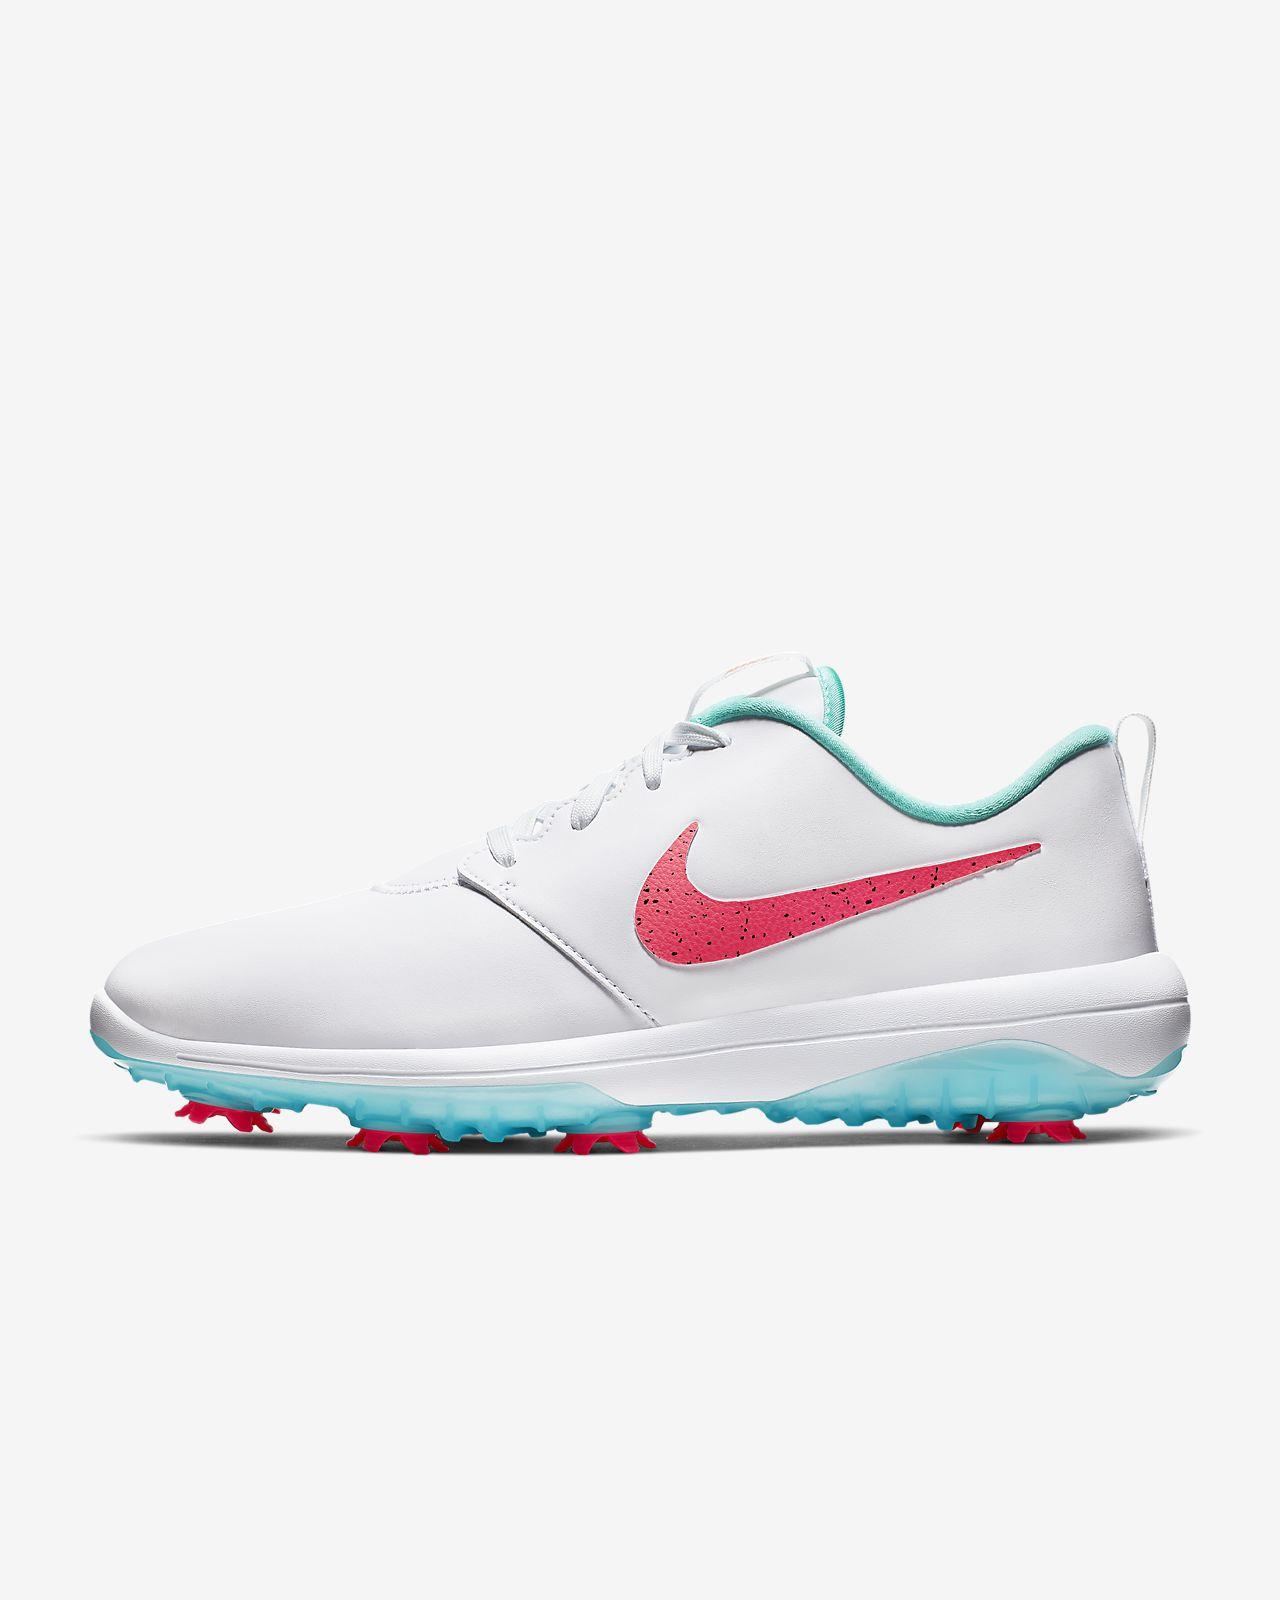 Calzado de golf para hombre Nike Roshe G Tour